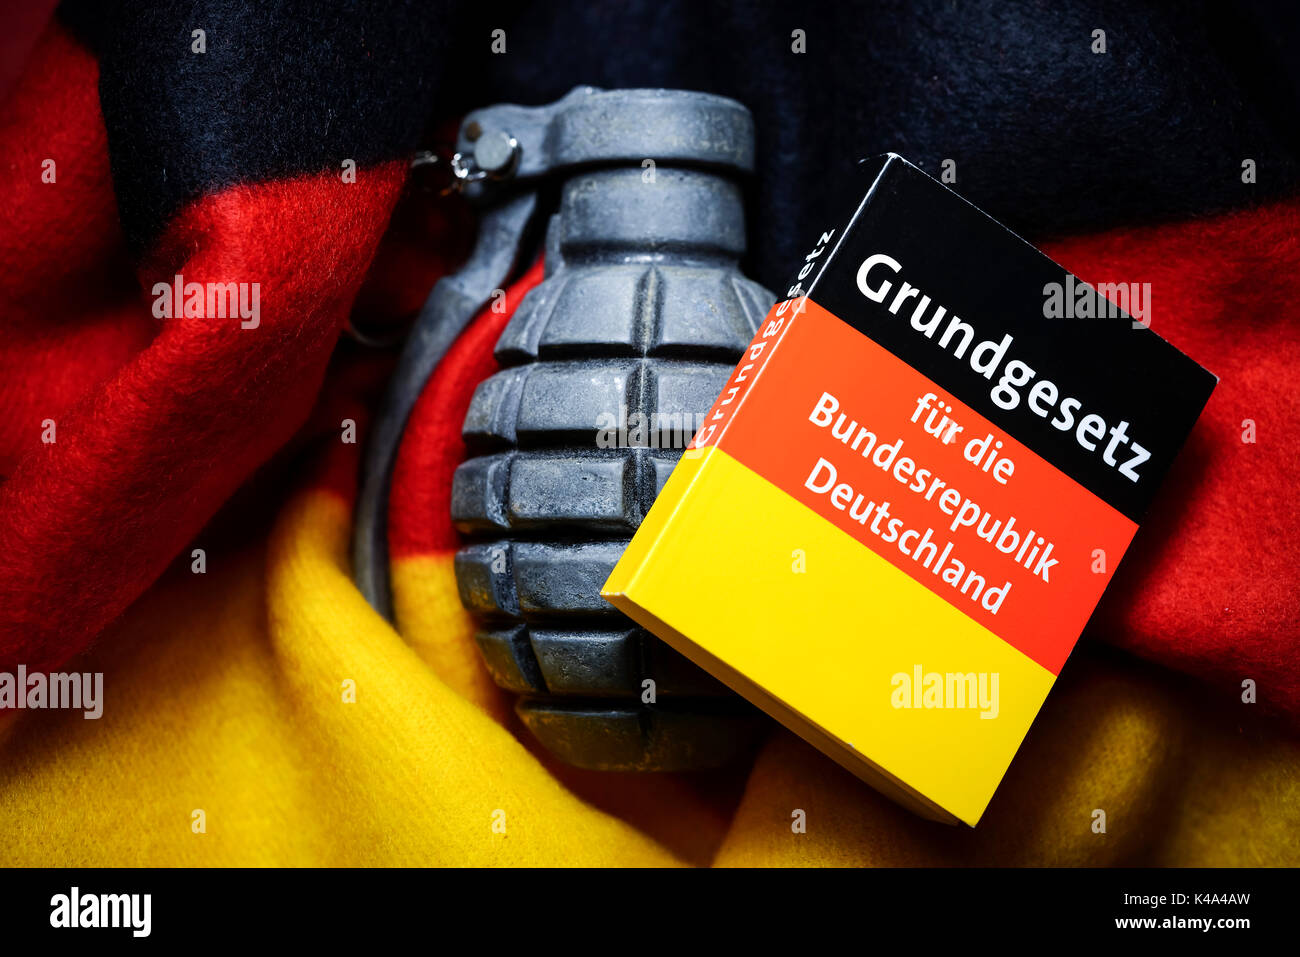 Loi fondamentale de la République fédérale d'Allemagne et Grenade, l'extrémisme menace Photo Stock